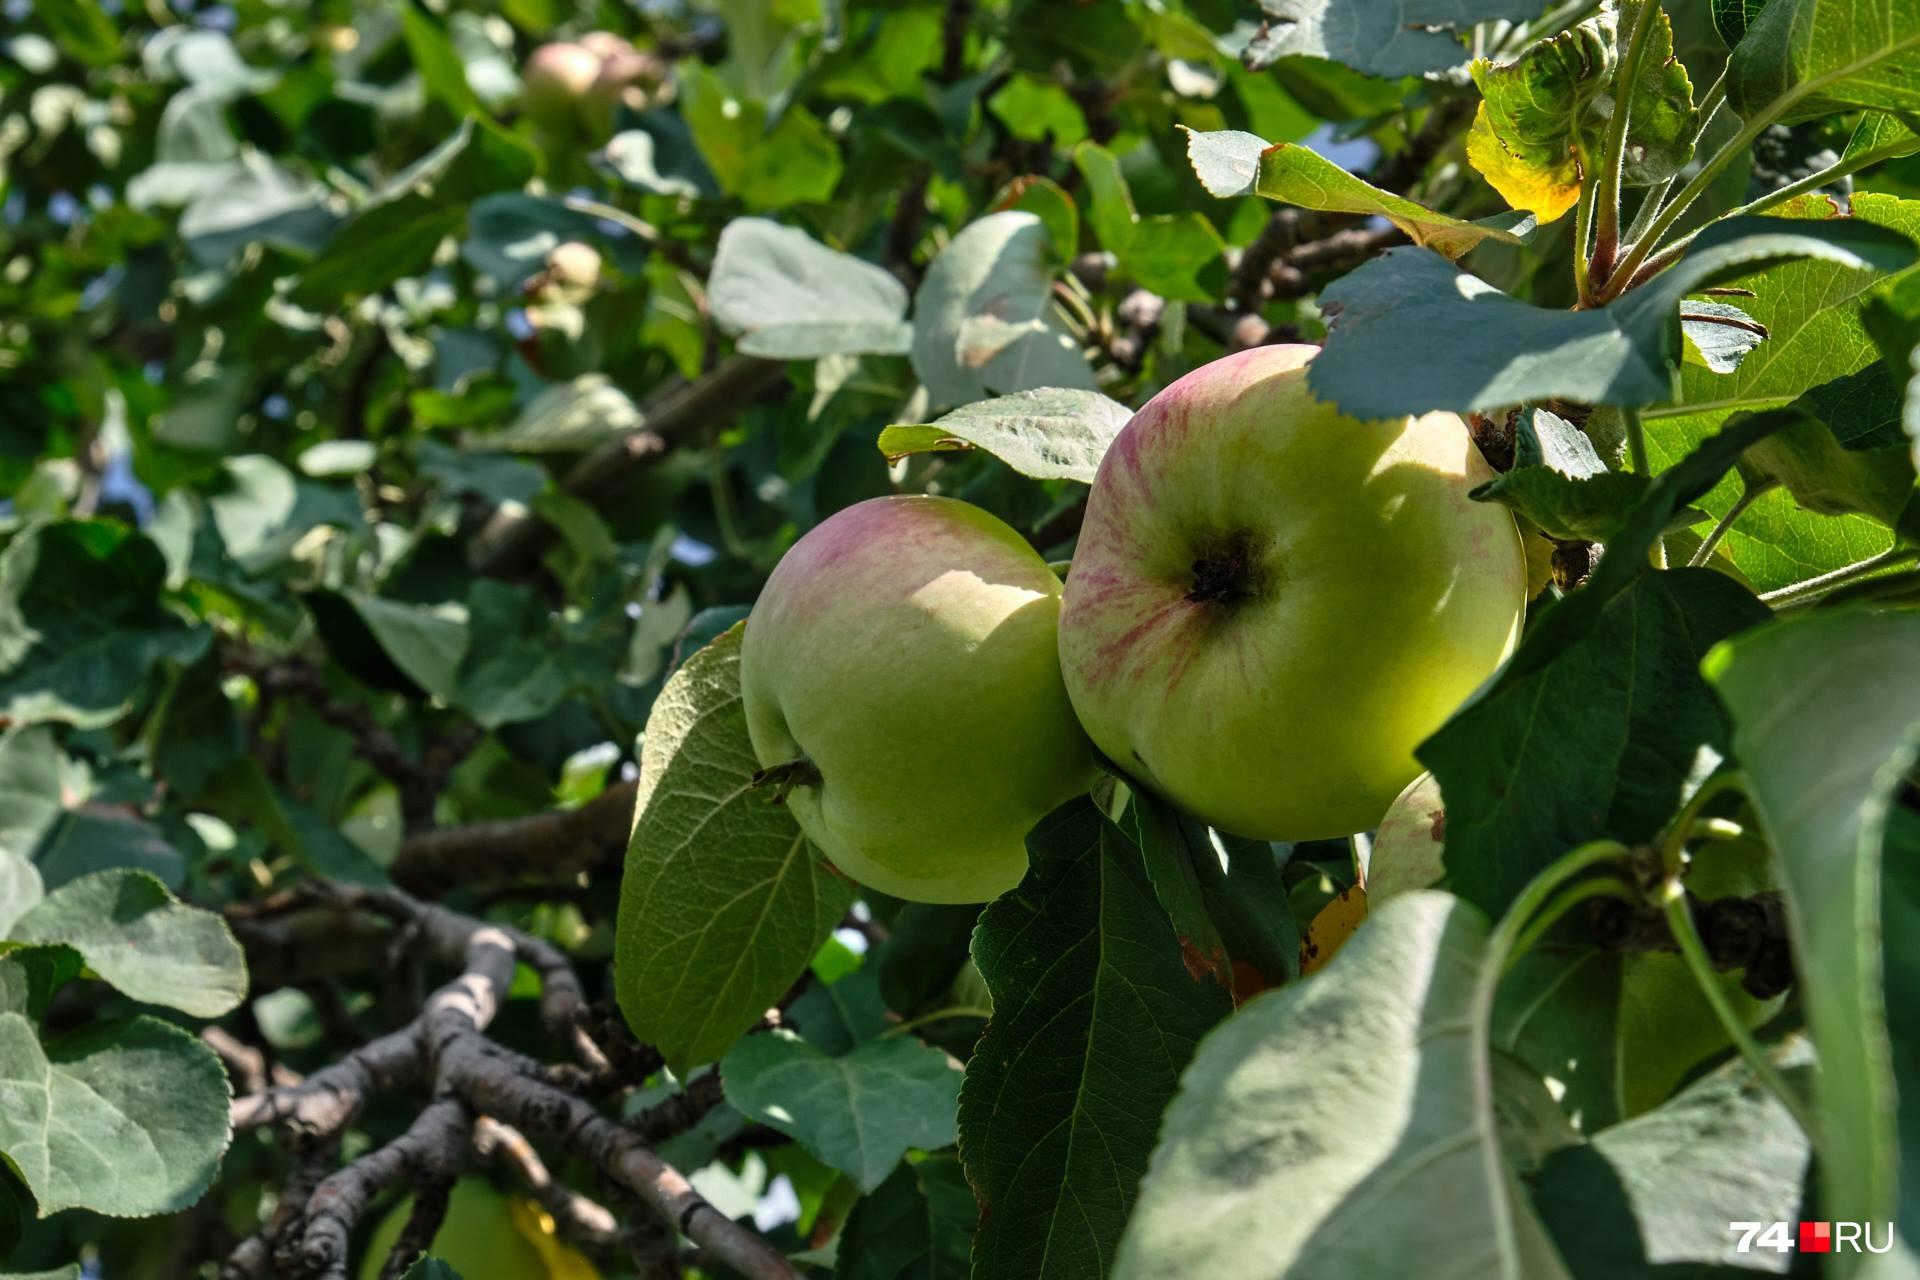 Одно из главных правил: не срывайте яблоки до того, пока их кожица не приобретет характерный для сорта цвет